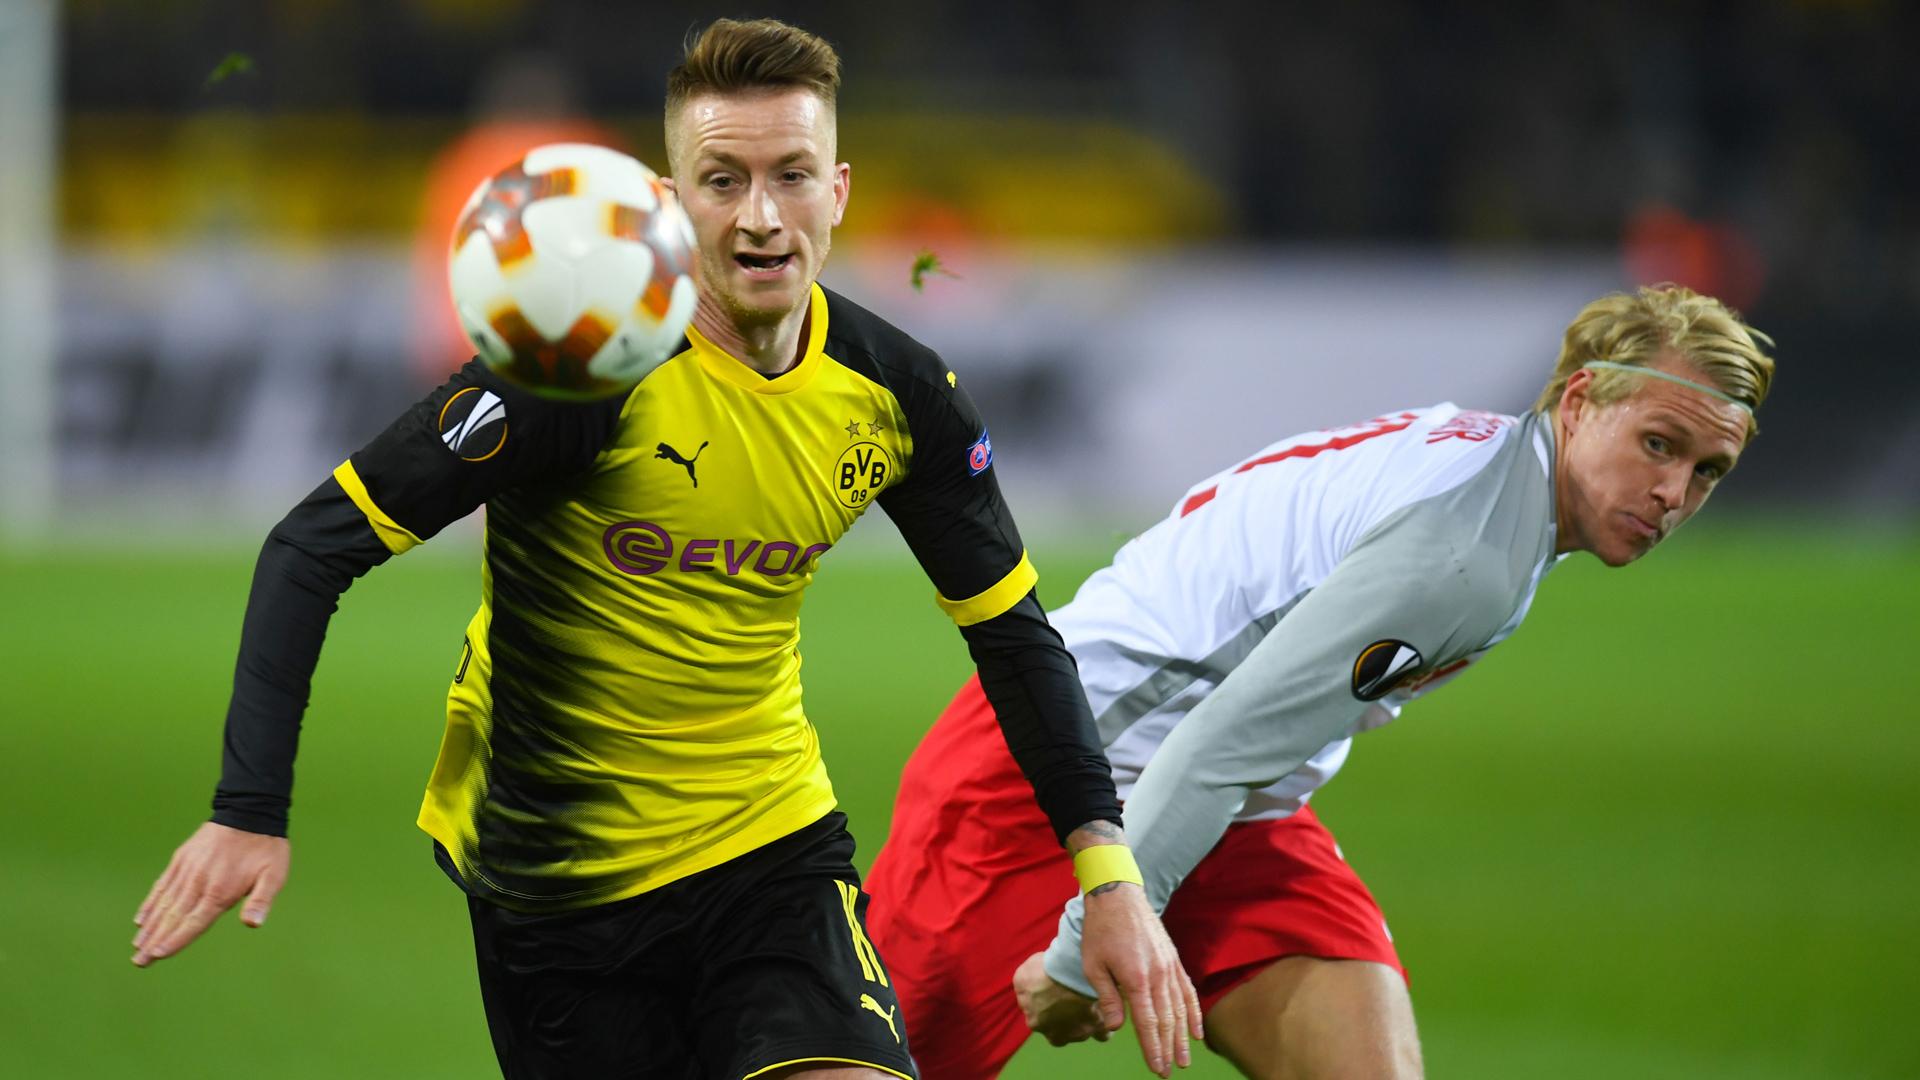 Borussia Dotmund FC Salzburg Marco Reus Xaver Schlager 08032018